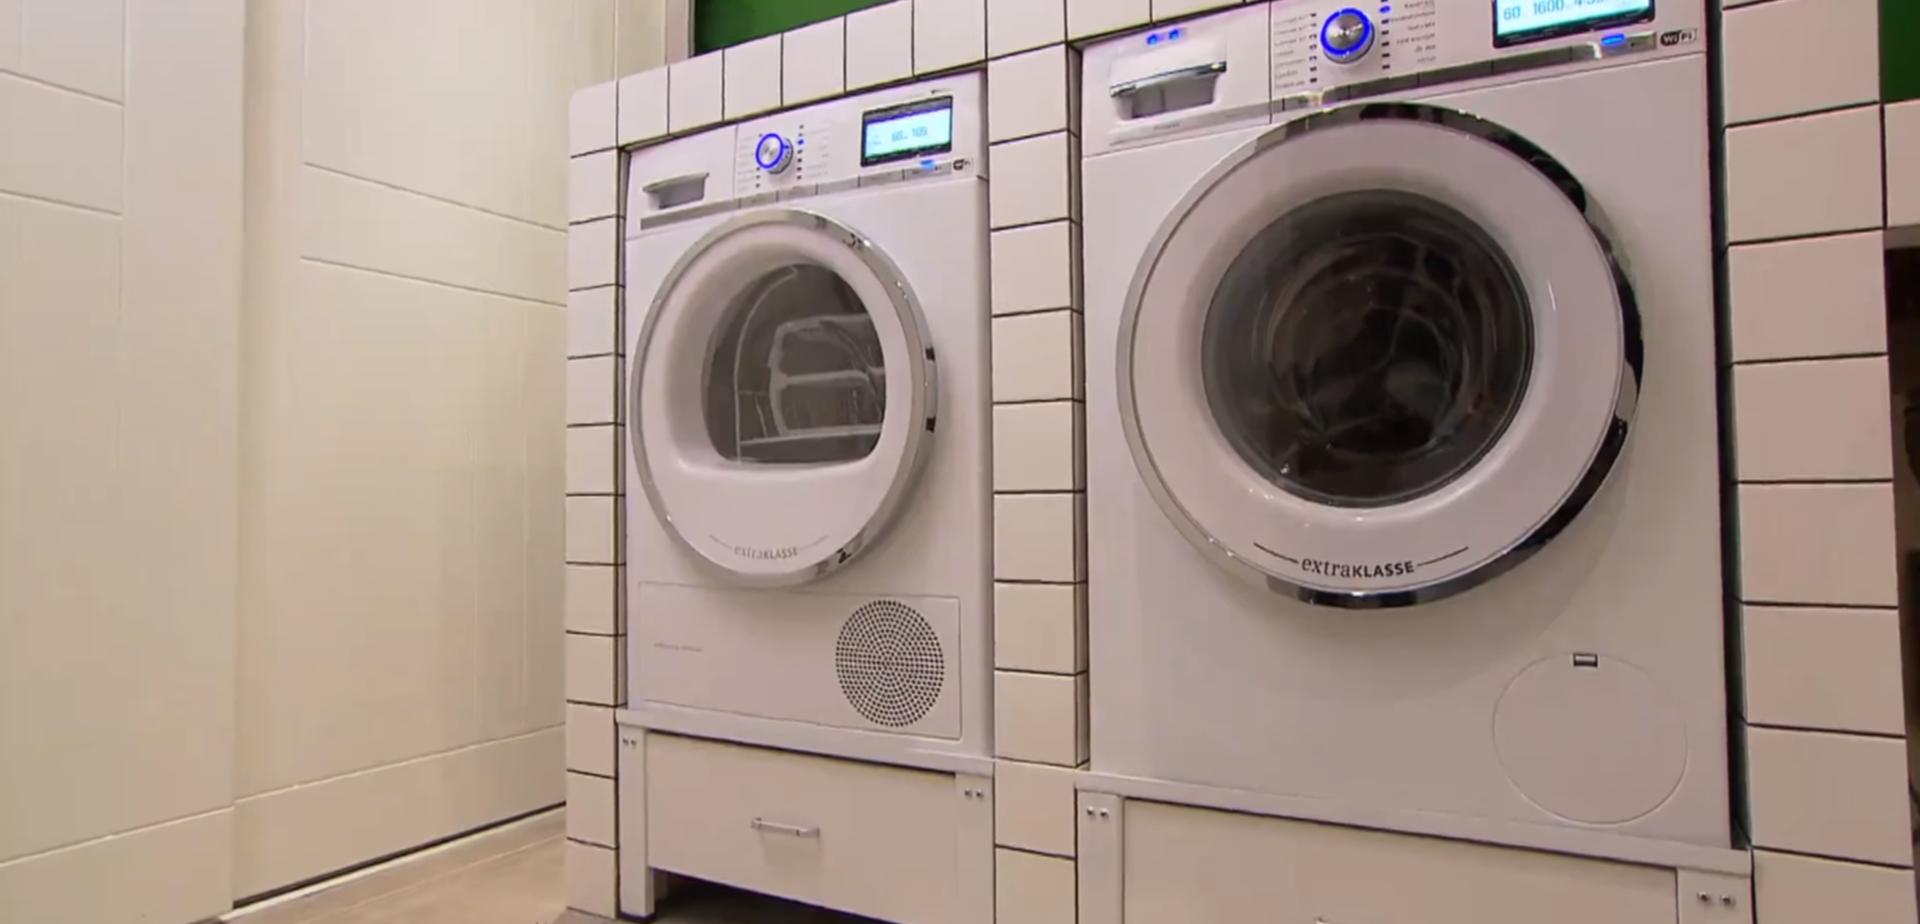 Verrassend Meubel voor de wasmachine en droger aansluiten | voordemakers.nl DO-59